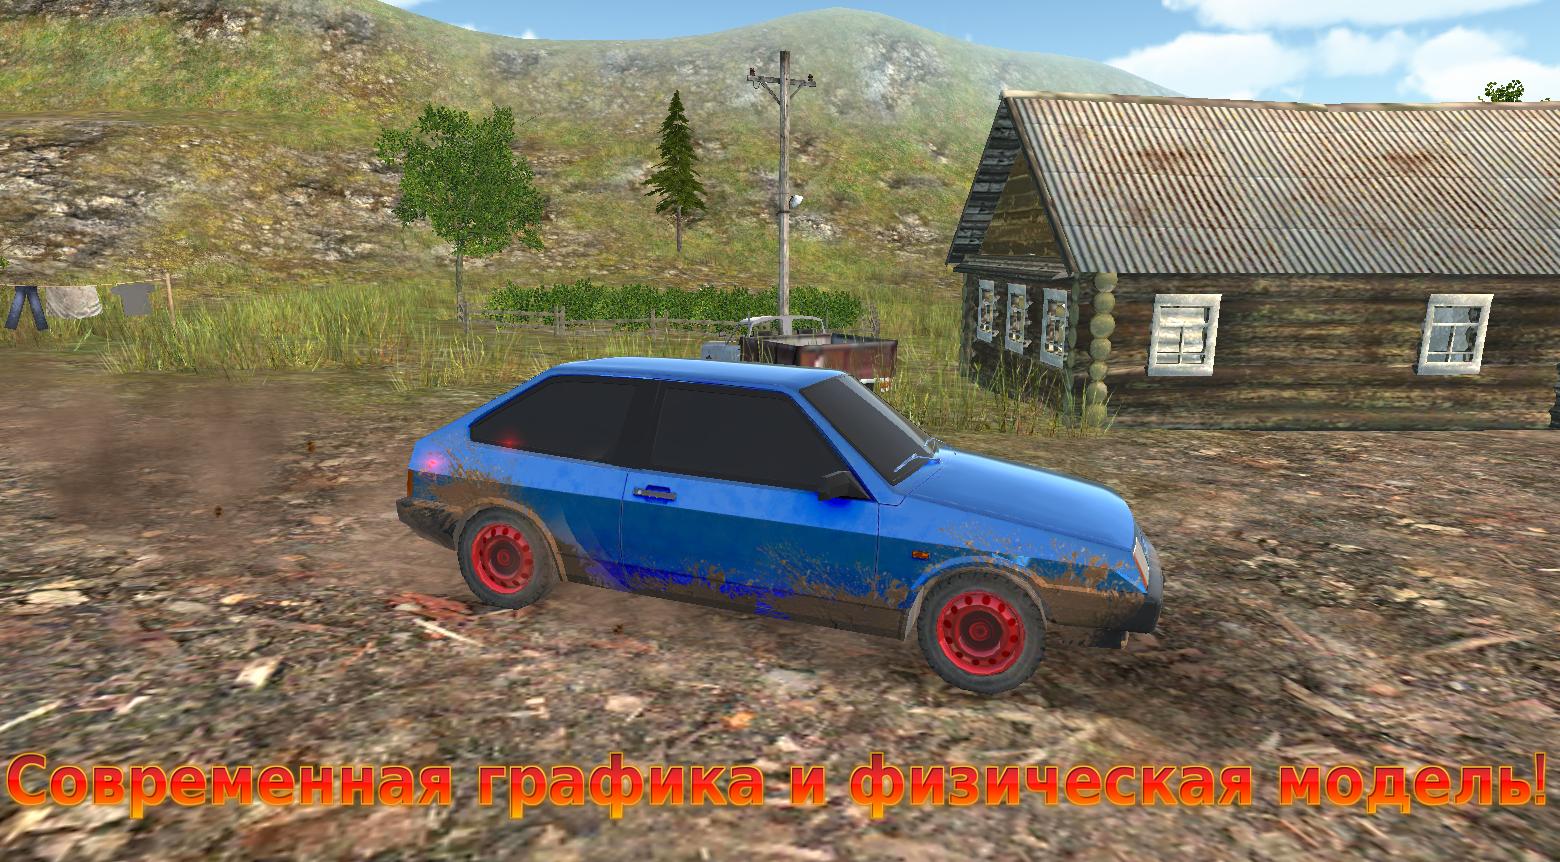 скачать симулятор автобуса по россии